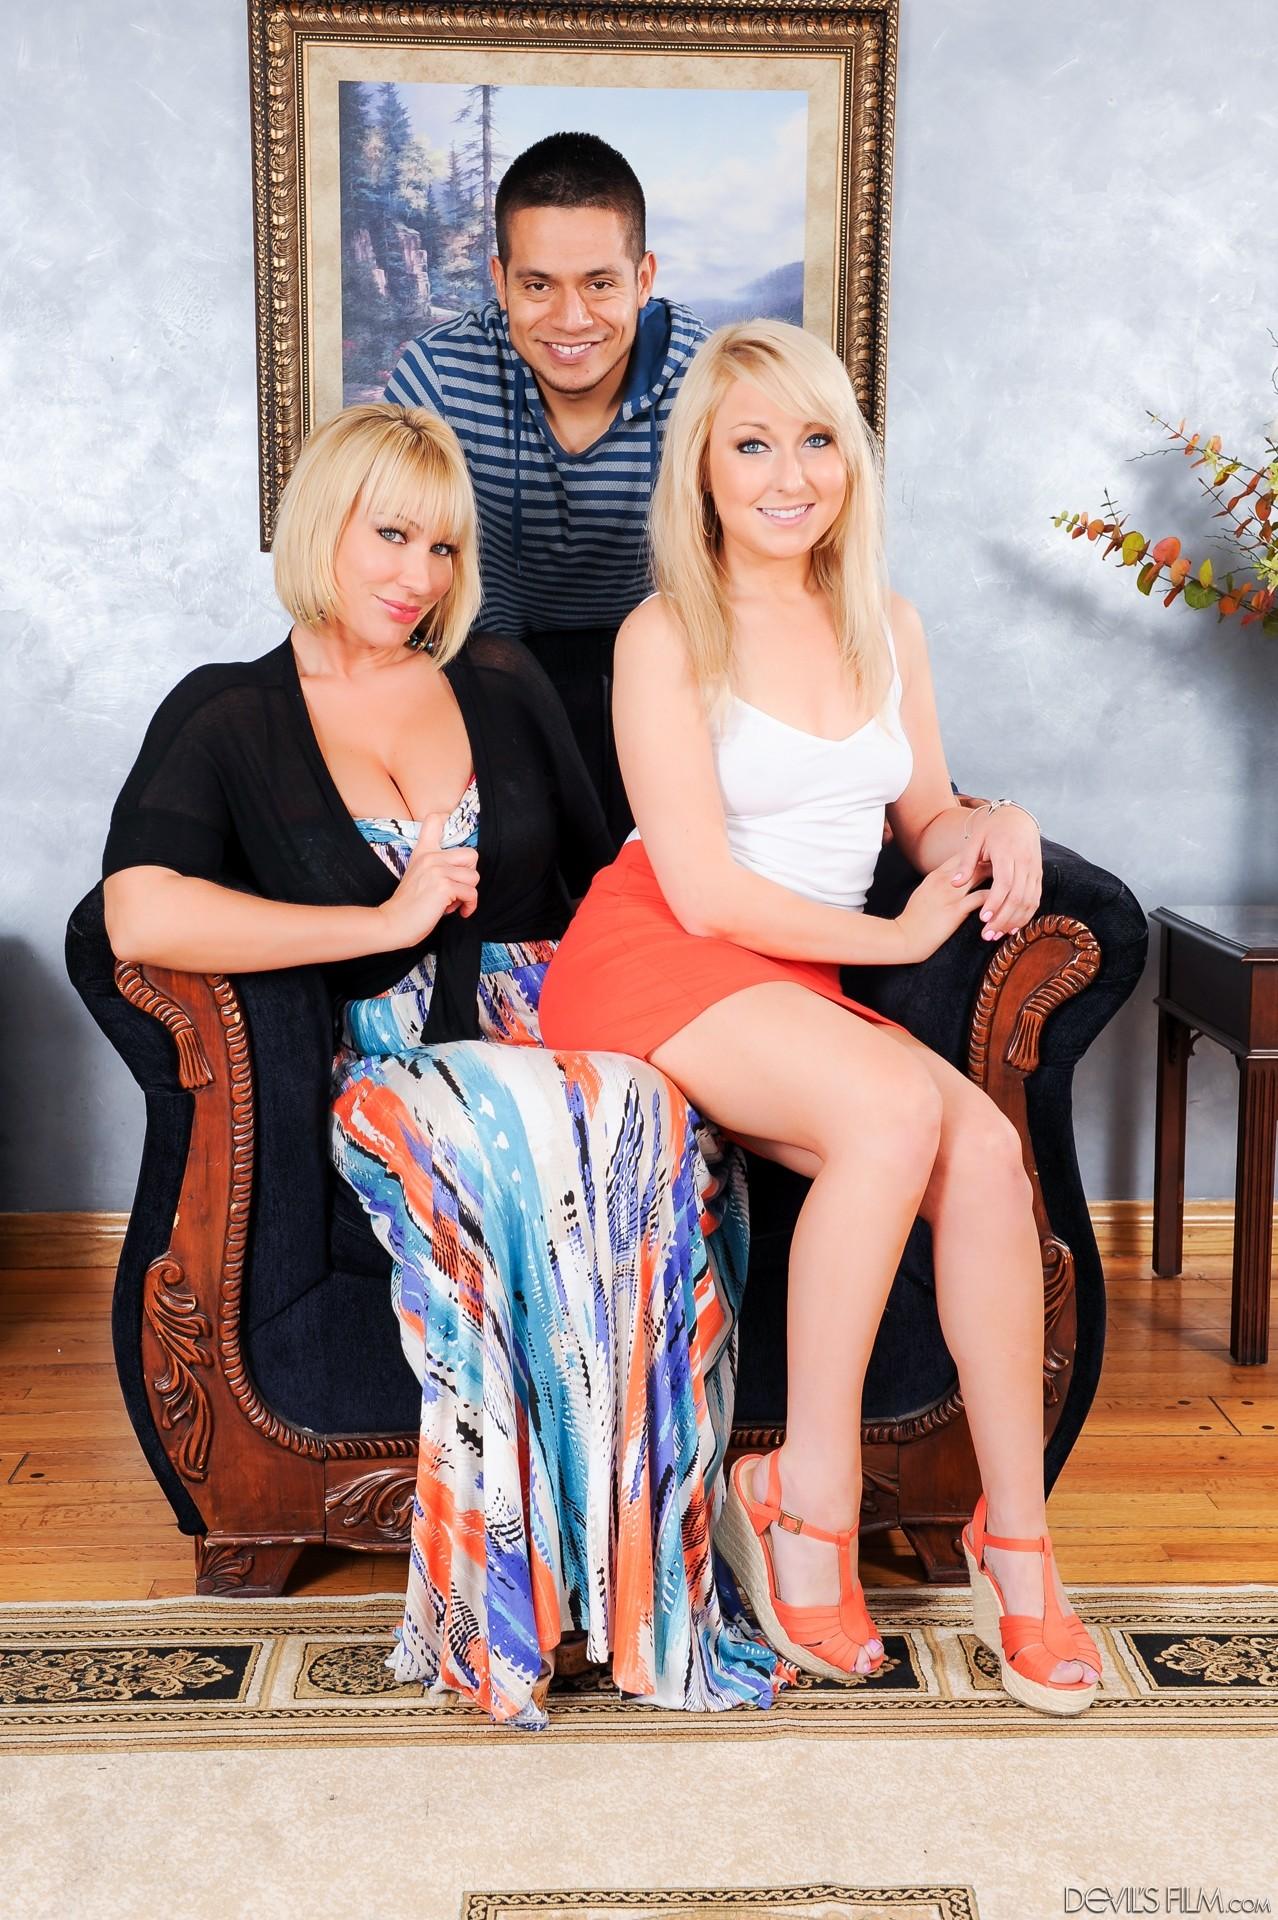 Ffm Amateur Bbw Threesome Ffm: 1,850 videos. Fat